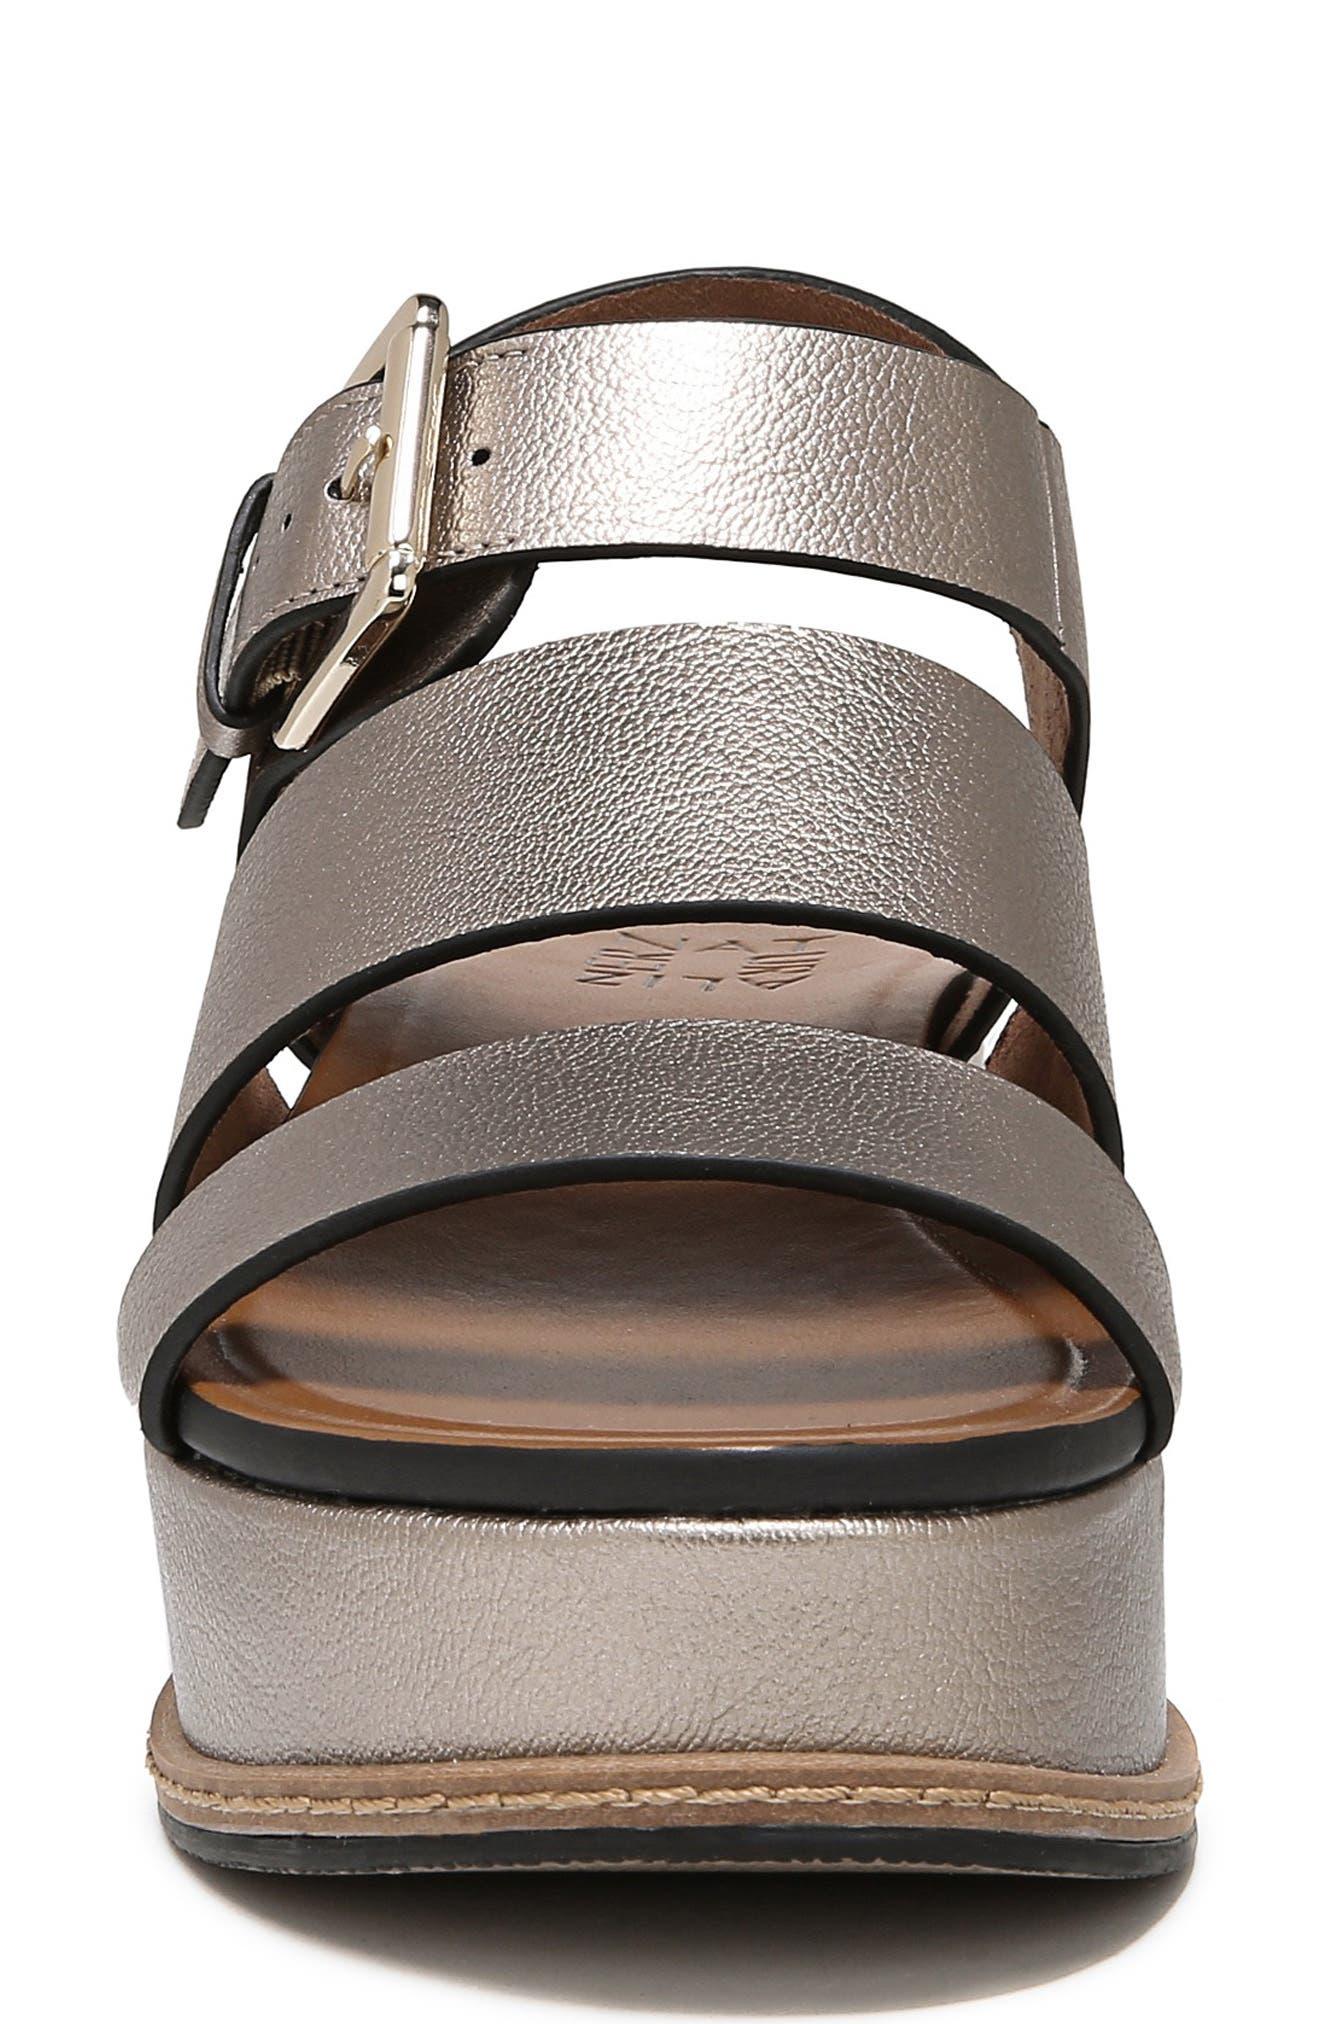 NATURALIZER, Billie Platform Sandal, Alternate thumbnail 4, color, LIGHT BRONZE METAL